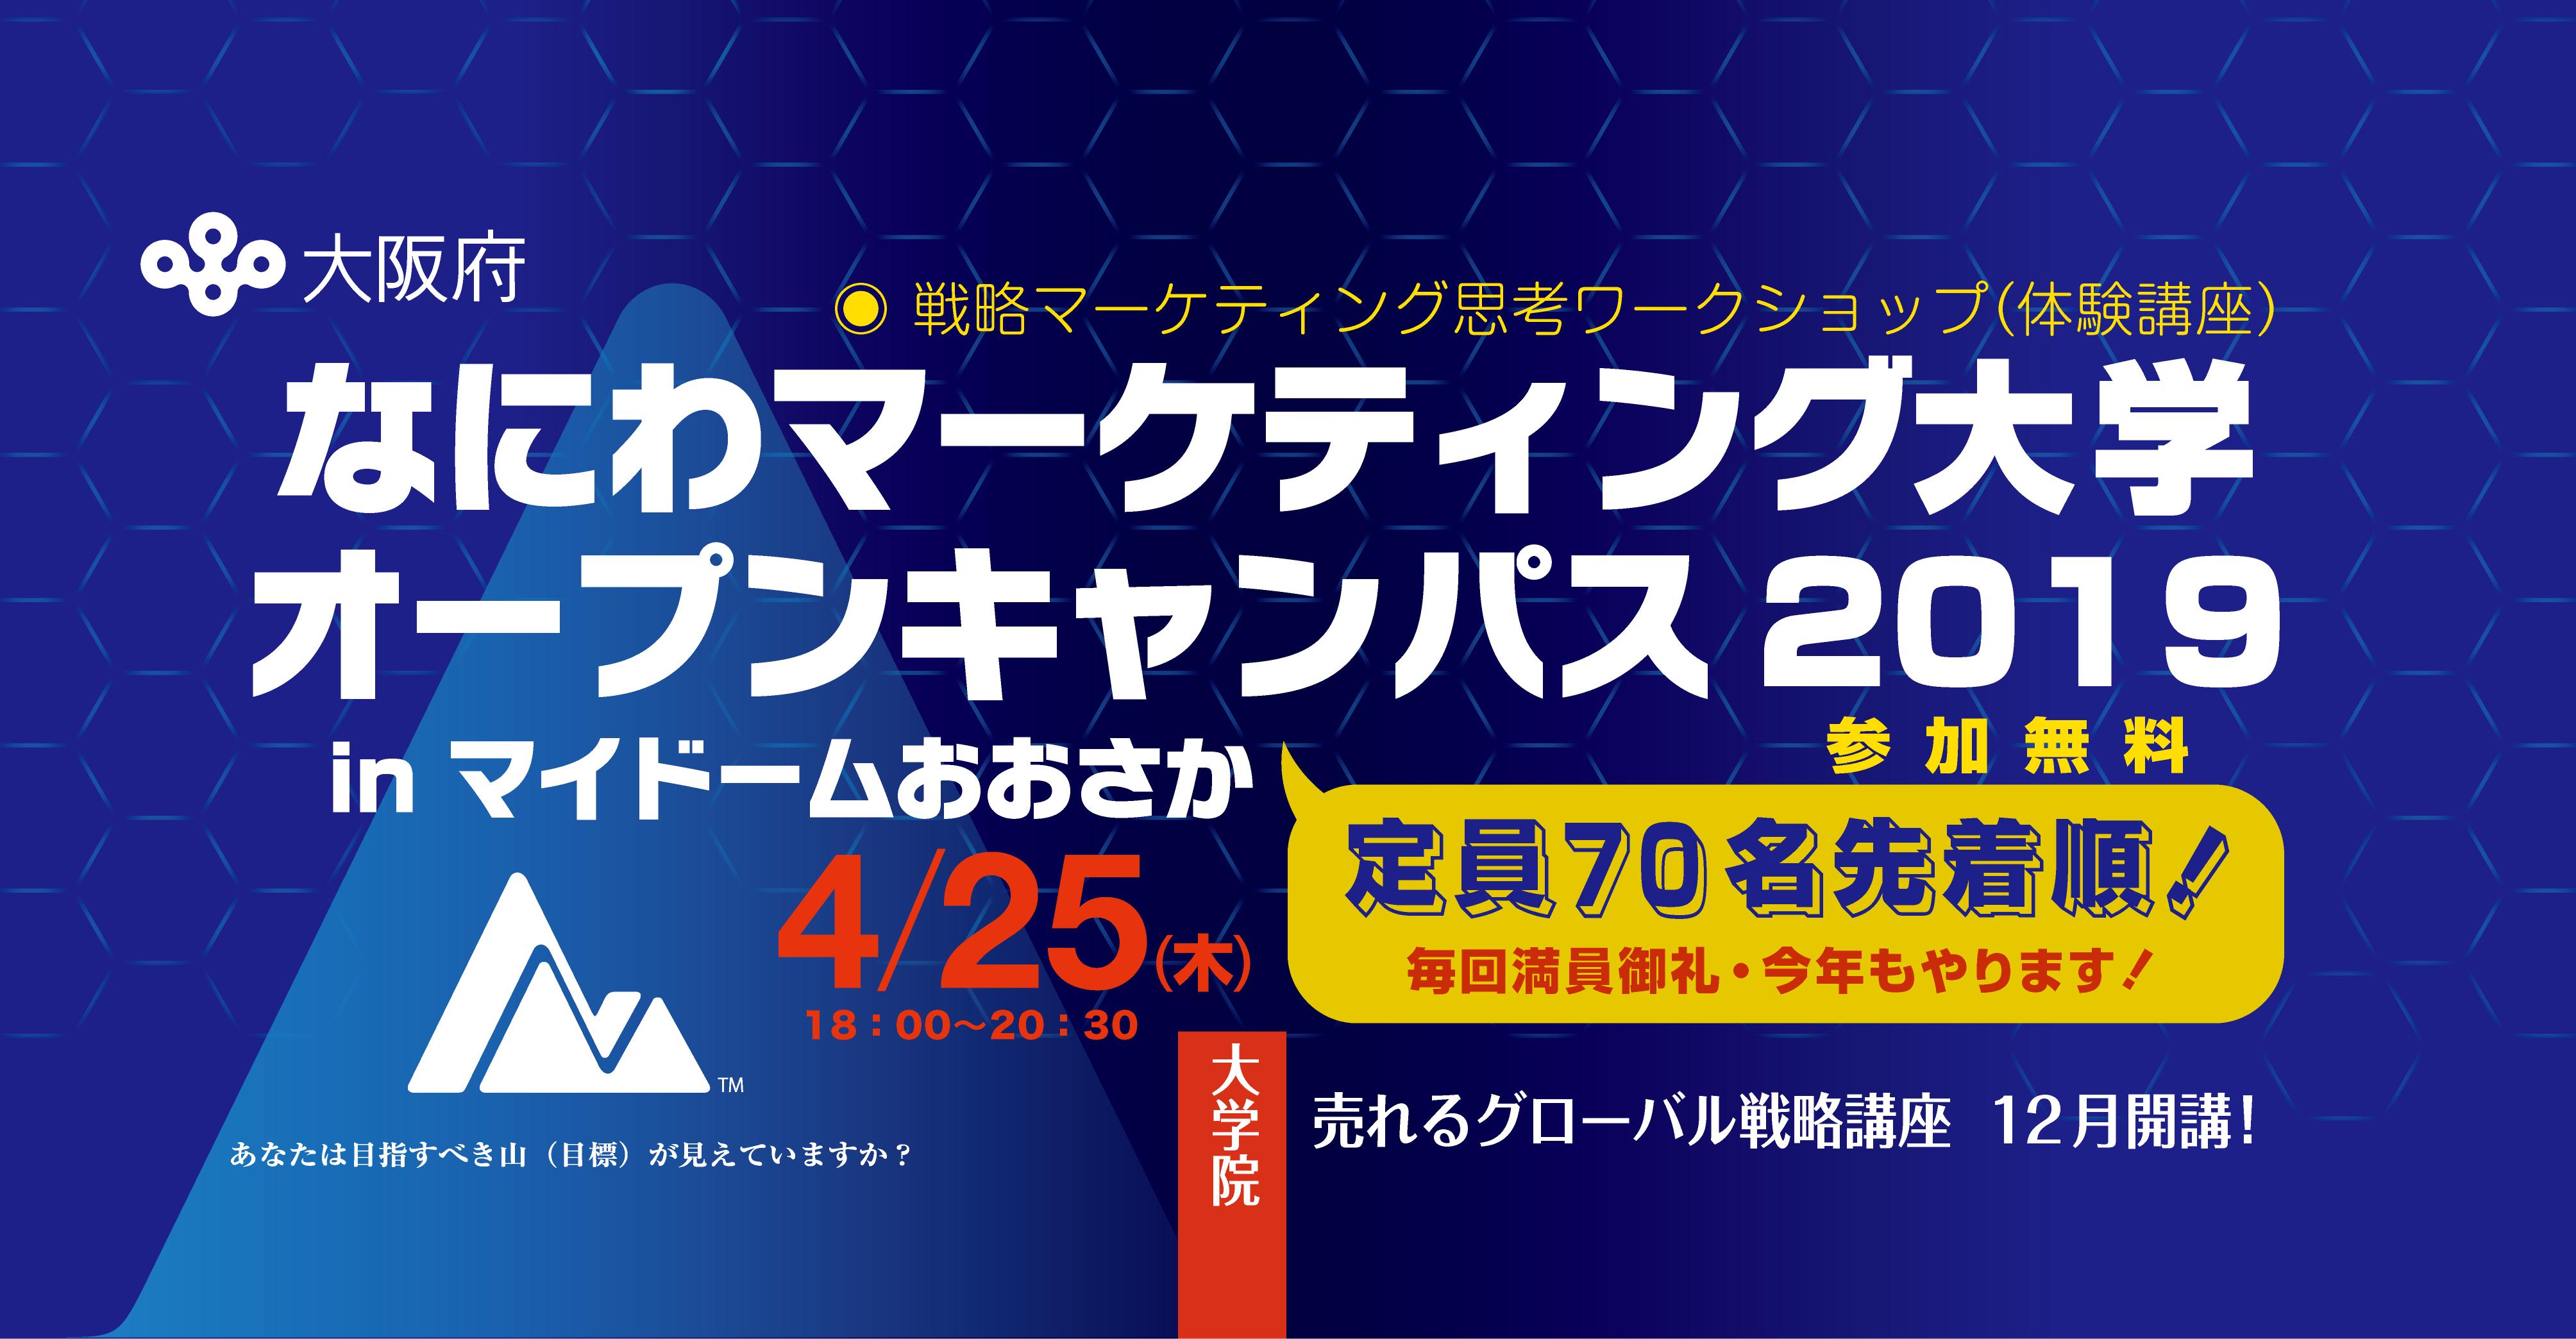 なにわマーケティング大学2019 オープンキャンパス(4/25)